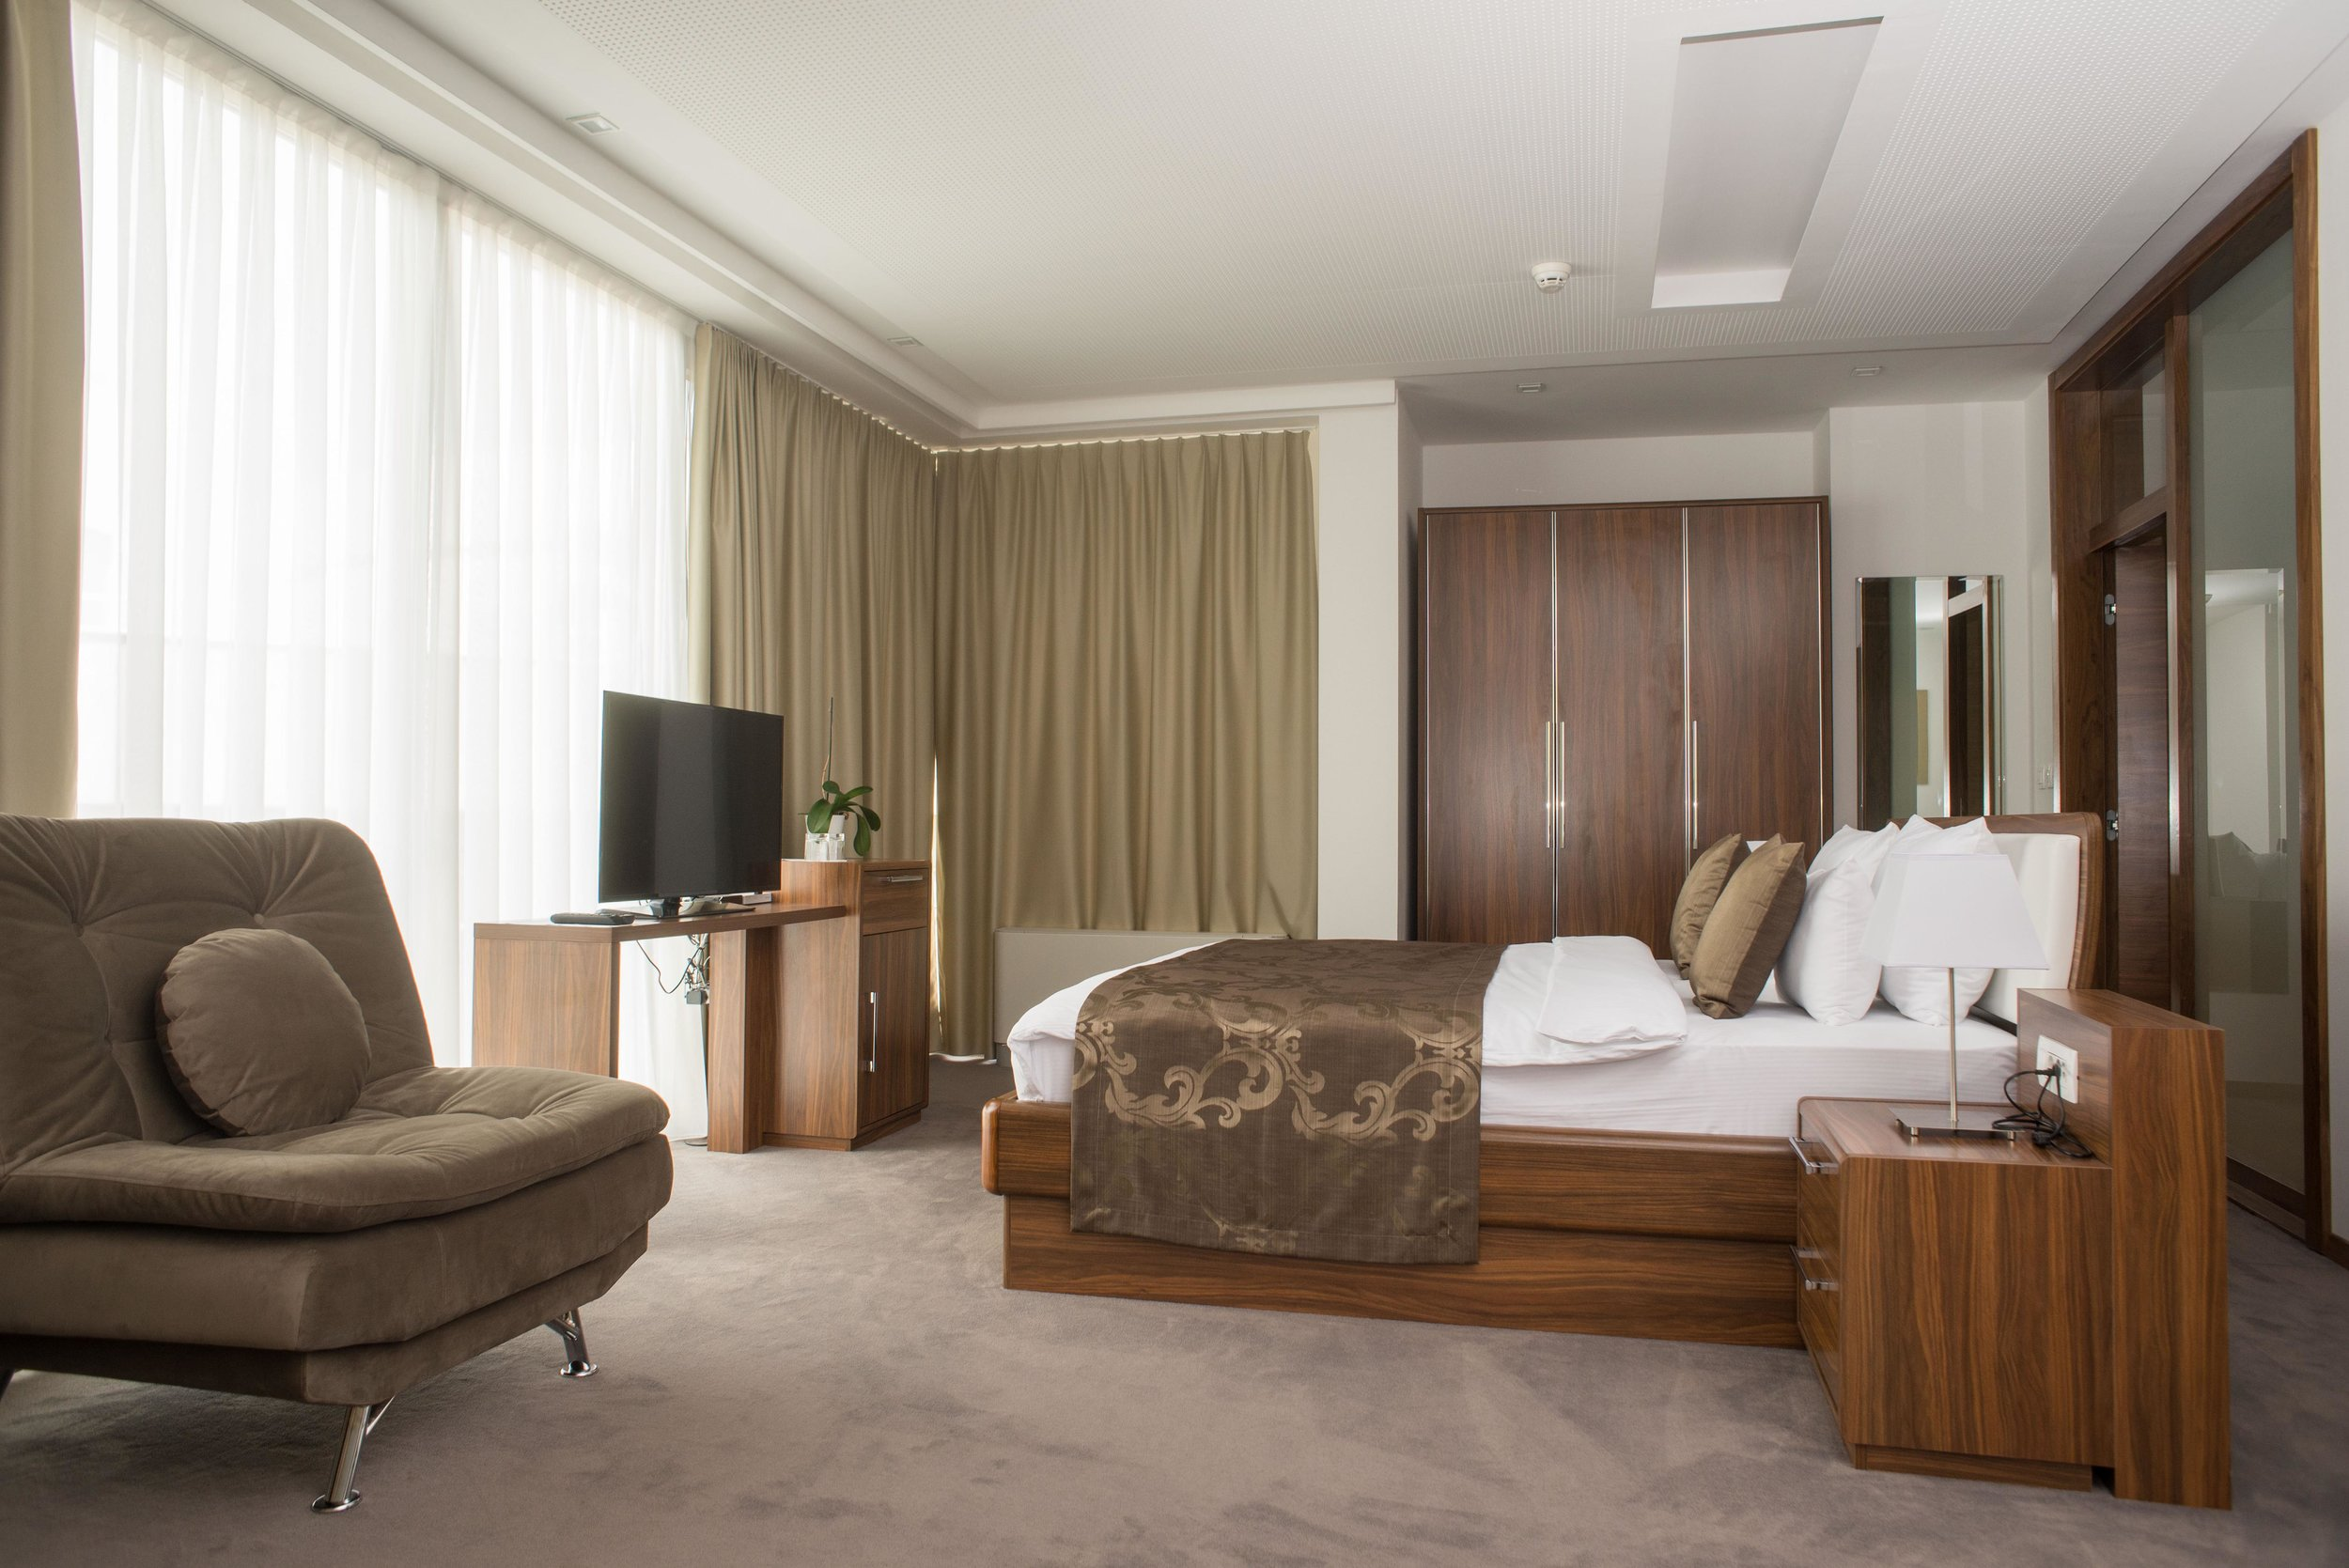 standard deluxe - Genießen Sie Ihren Aufenthalt in unseren luxuriös gestalteten Zimmern, die Ihnen hohen Komfort bieten. Ideale Lage und Kingsize-Bett bieten Ihnen perfekte Ruhe und eine volle Nacht des Schlafes. Elegante Badezimmer sind mit den besten Kosmetikprodukten ausgestattet. Für perfekte Entspannung. Großer LED-TV-Bildschirm mit Kabelkanälen und kostenfreiem WLAN. Alle vier Räume sind mit einer speziell entwickelten Beleuchtung ausgestattet, die Ihnen den ganzen Tag lang einen besonderen Genuss bietet.